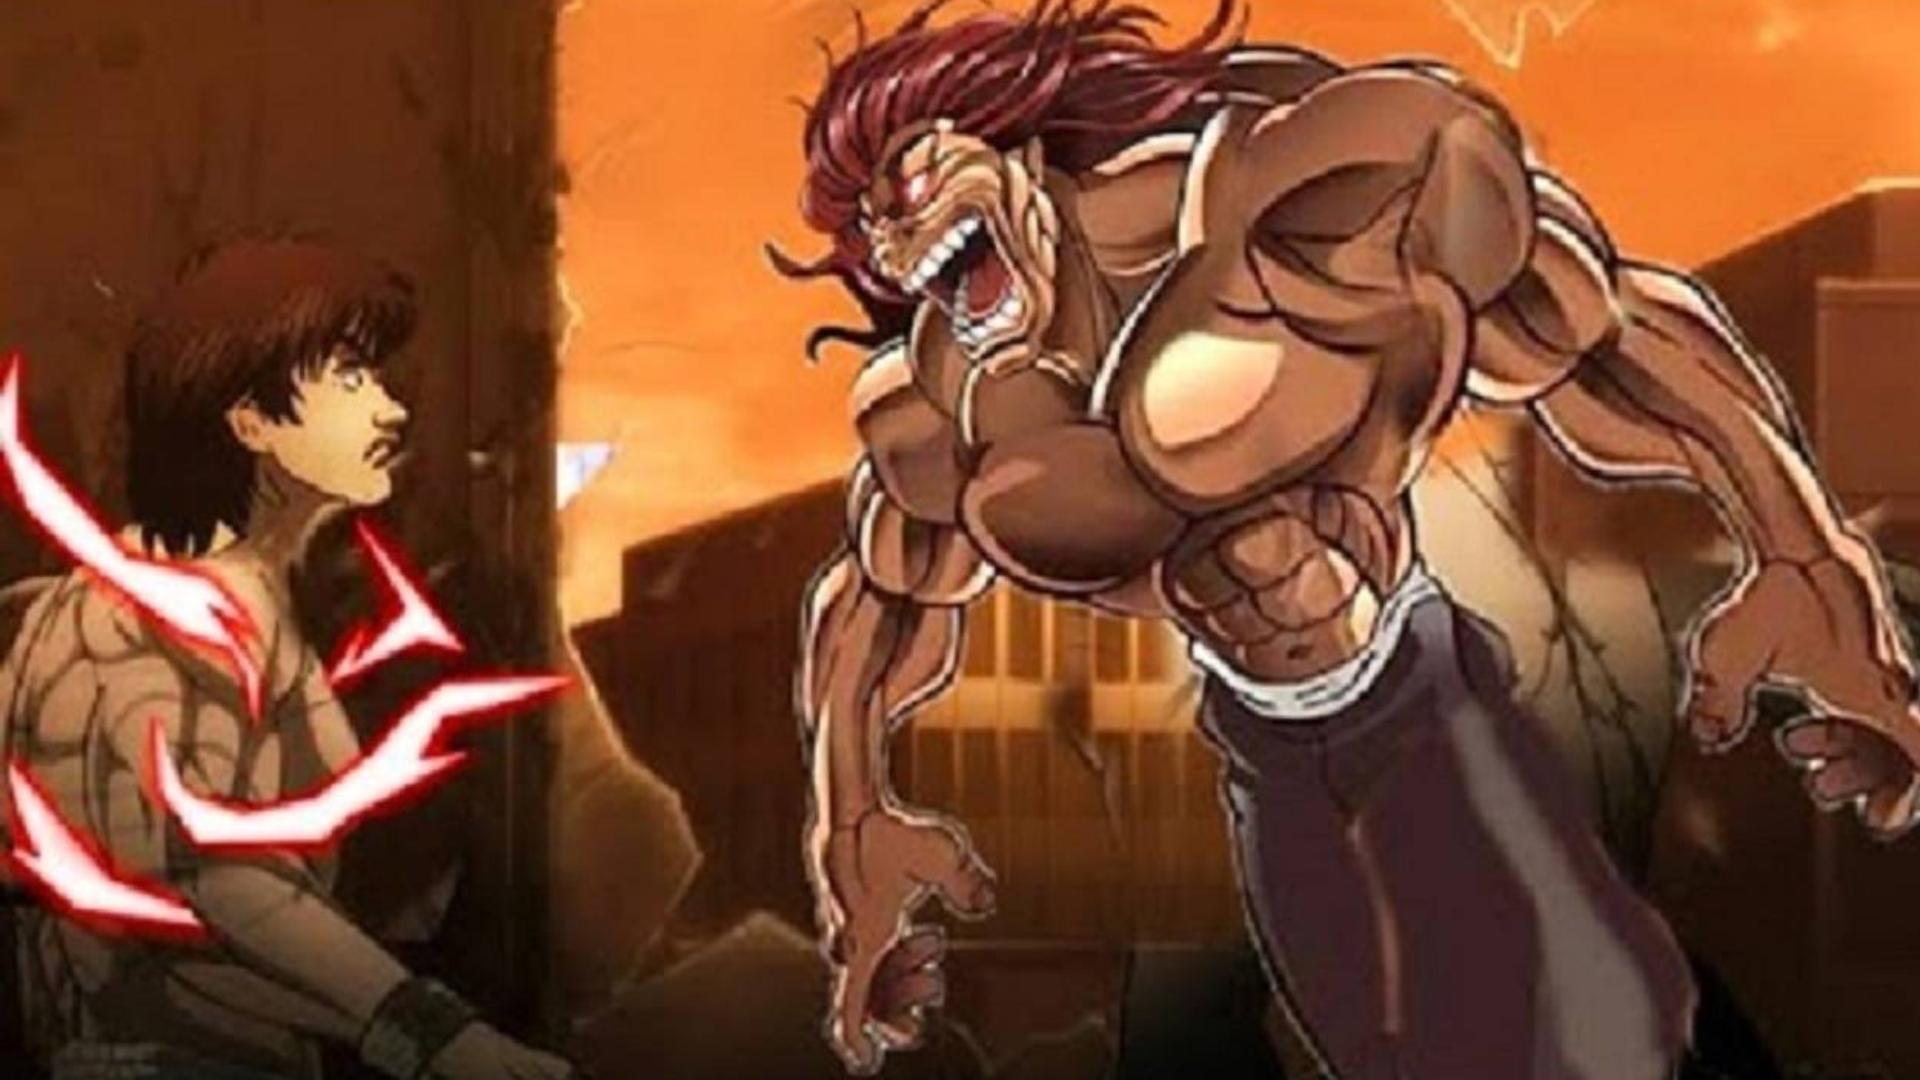 【刃牙2】真男人之间的决斗,就是要拳拳到肉,来一场硬碰硬的较量!